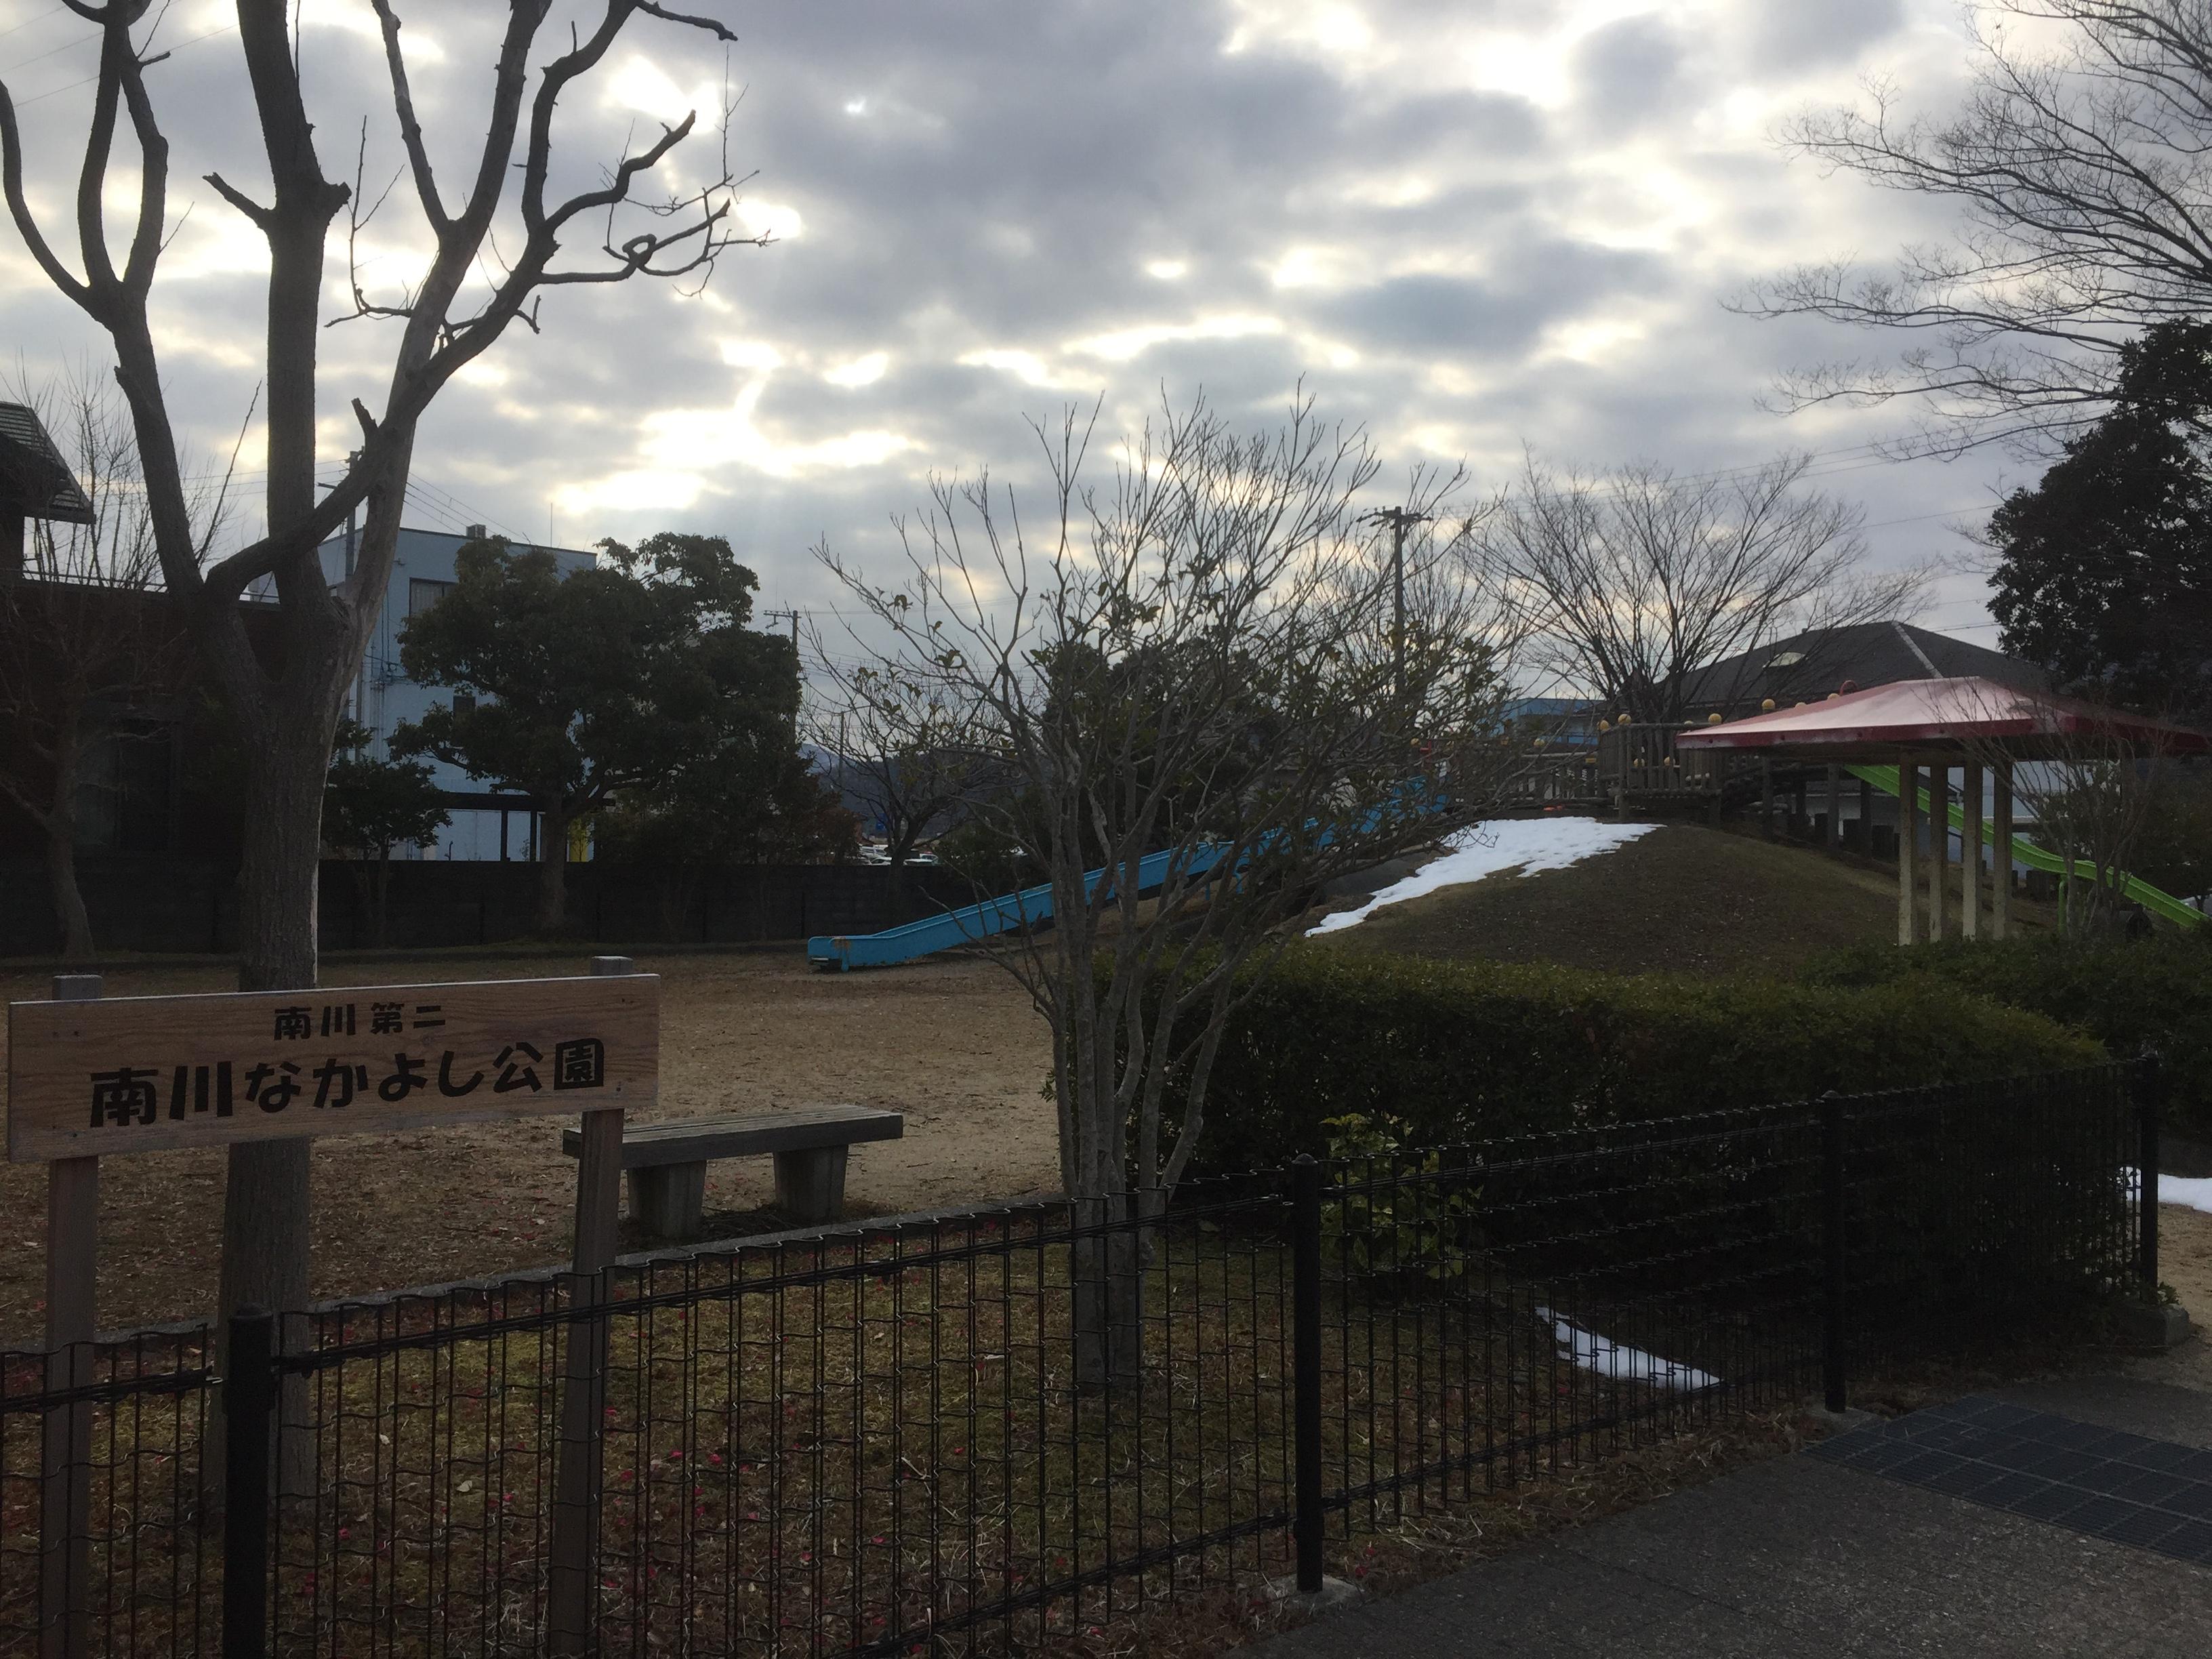 南川第二公園(南川なかよし公園)